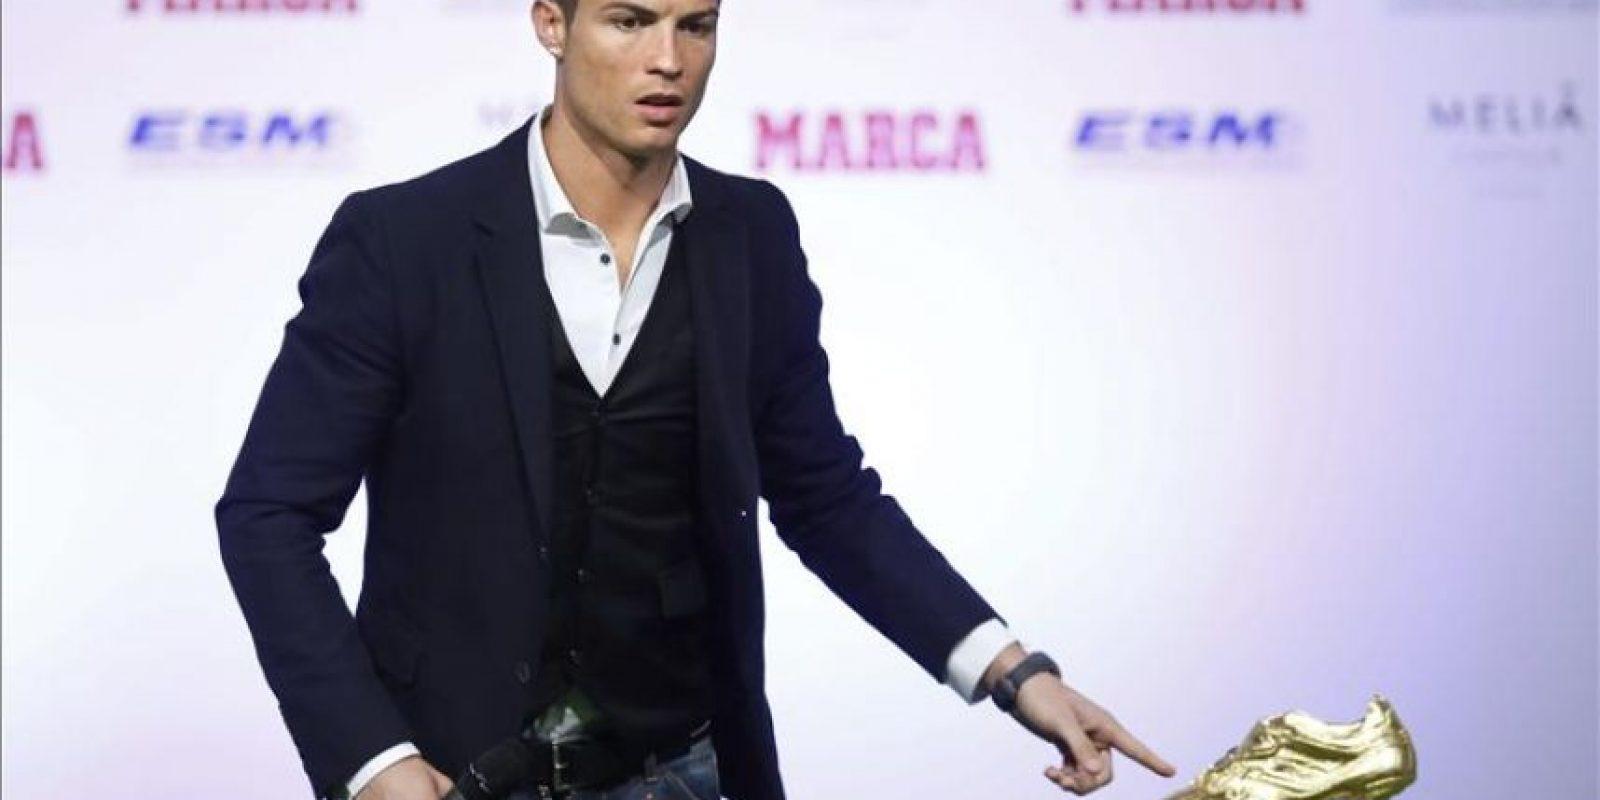 El delantero portugués del Real Madrid Cristiano Ronaldo tras recibir la Bota de Oro que lo acredita como máximo goleador europeo de la pasada temporada, en un acto celebrado hoy en Madrid. EFE